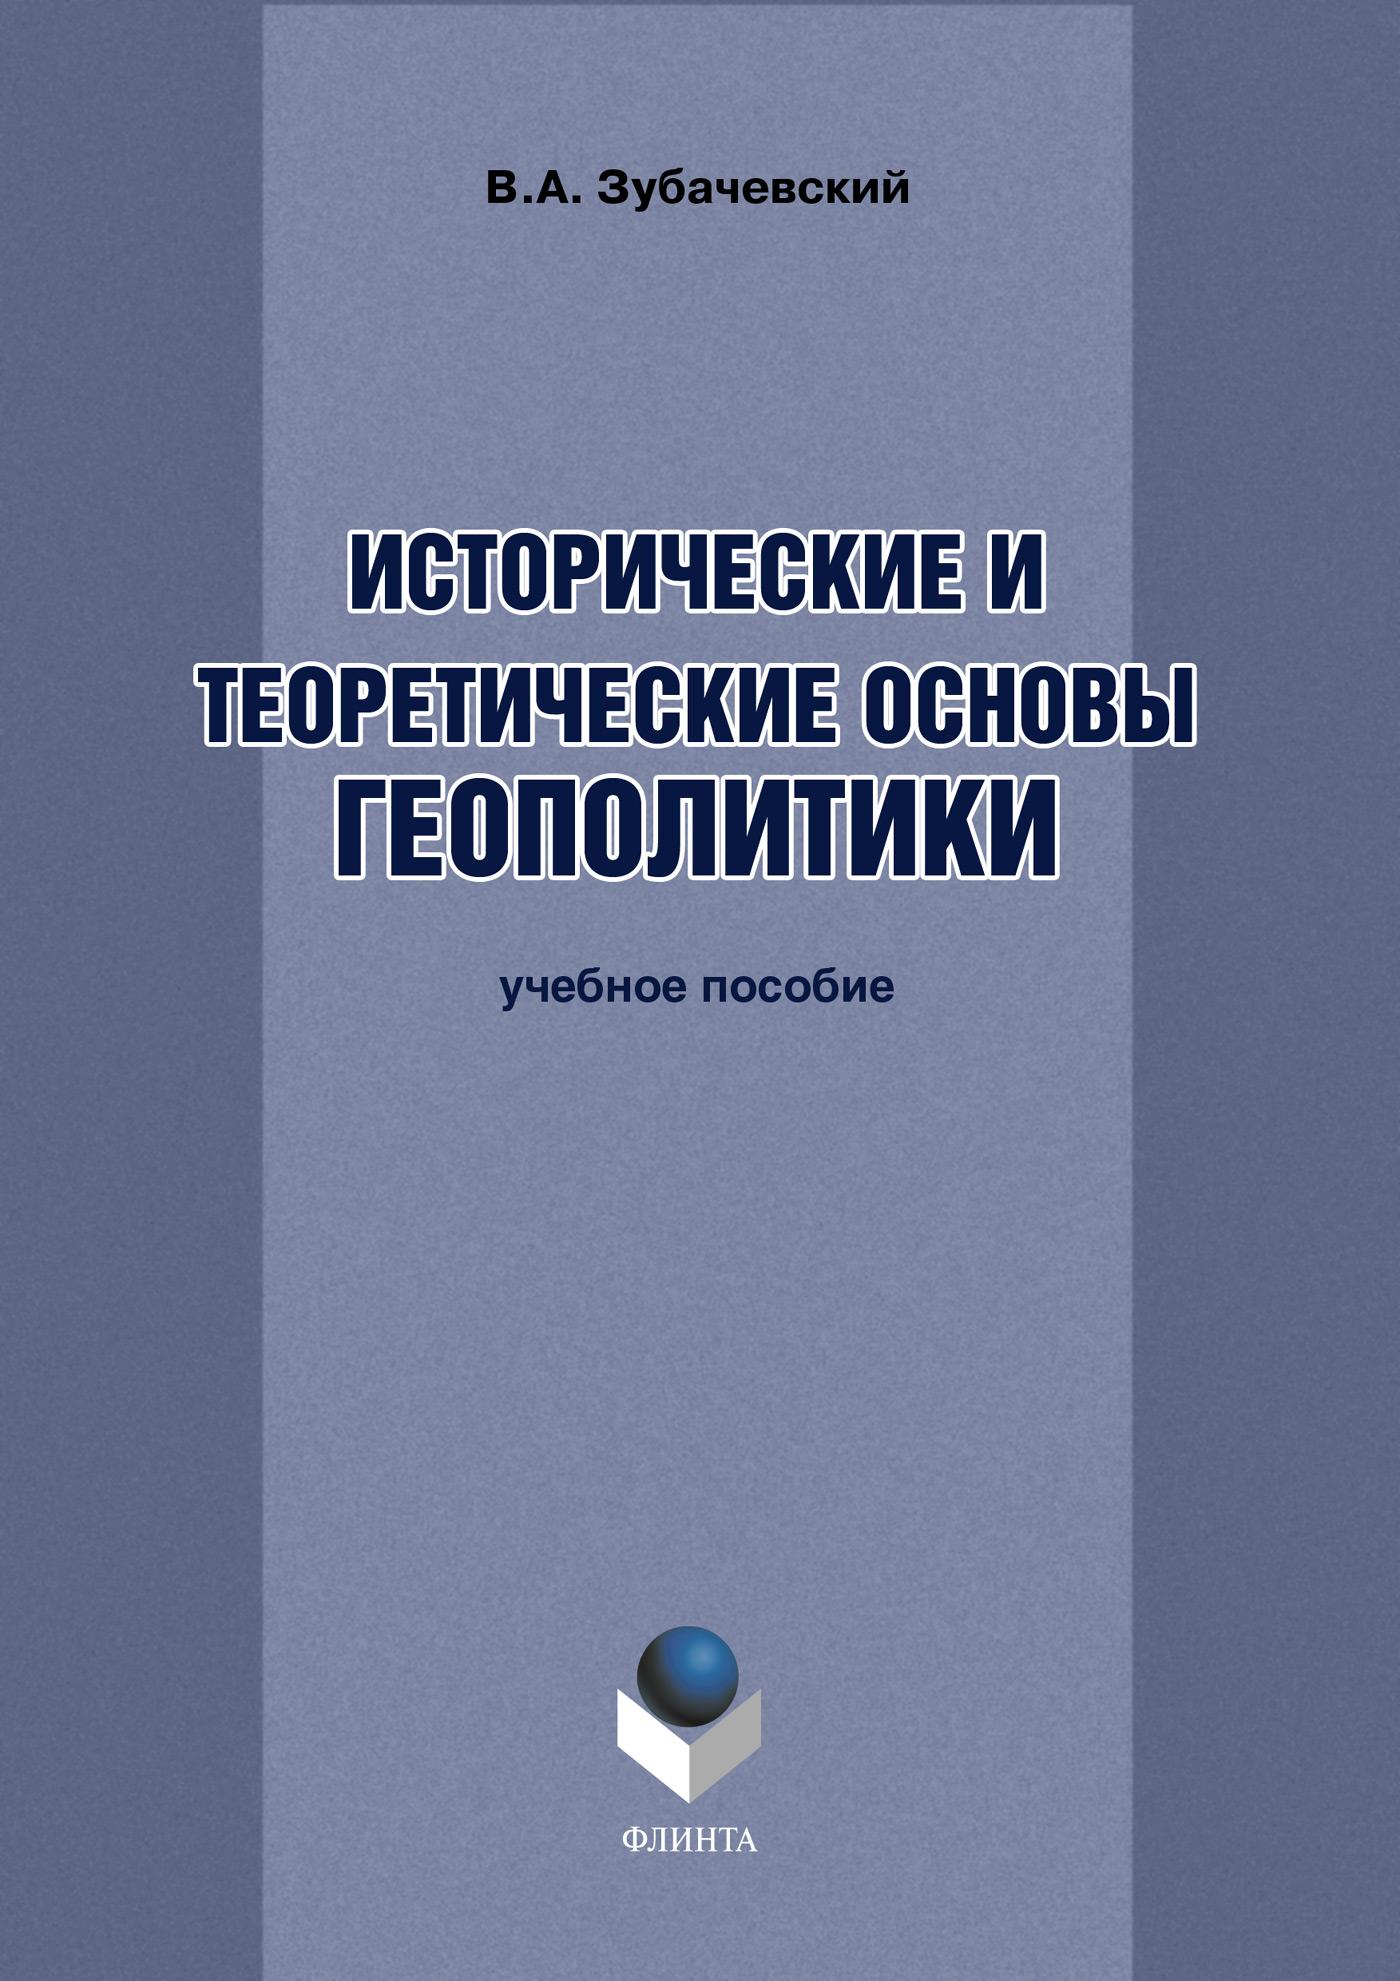 Исторические и теоретические основы геополитики. Учебное пособие